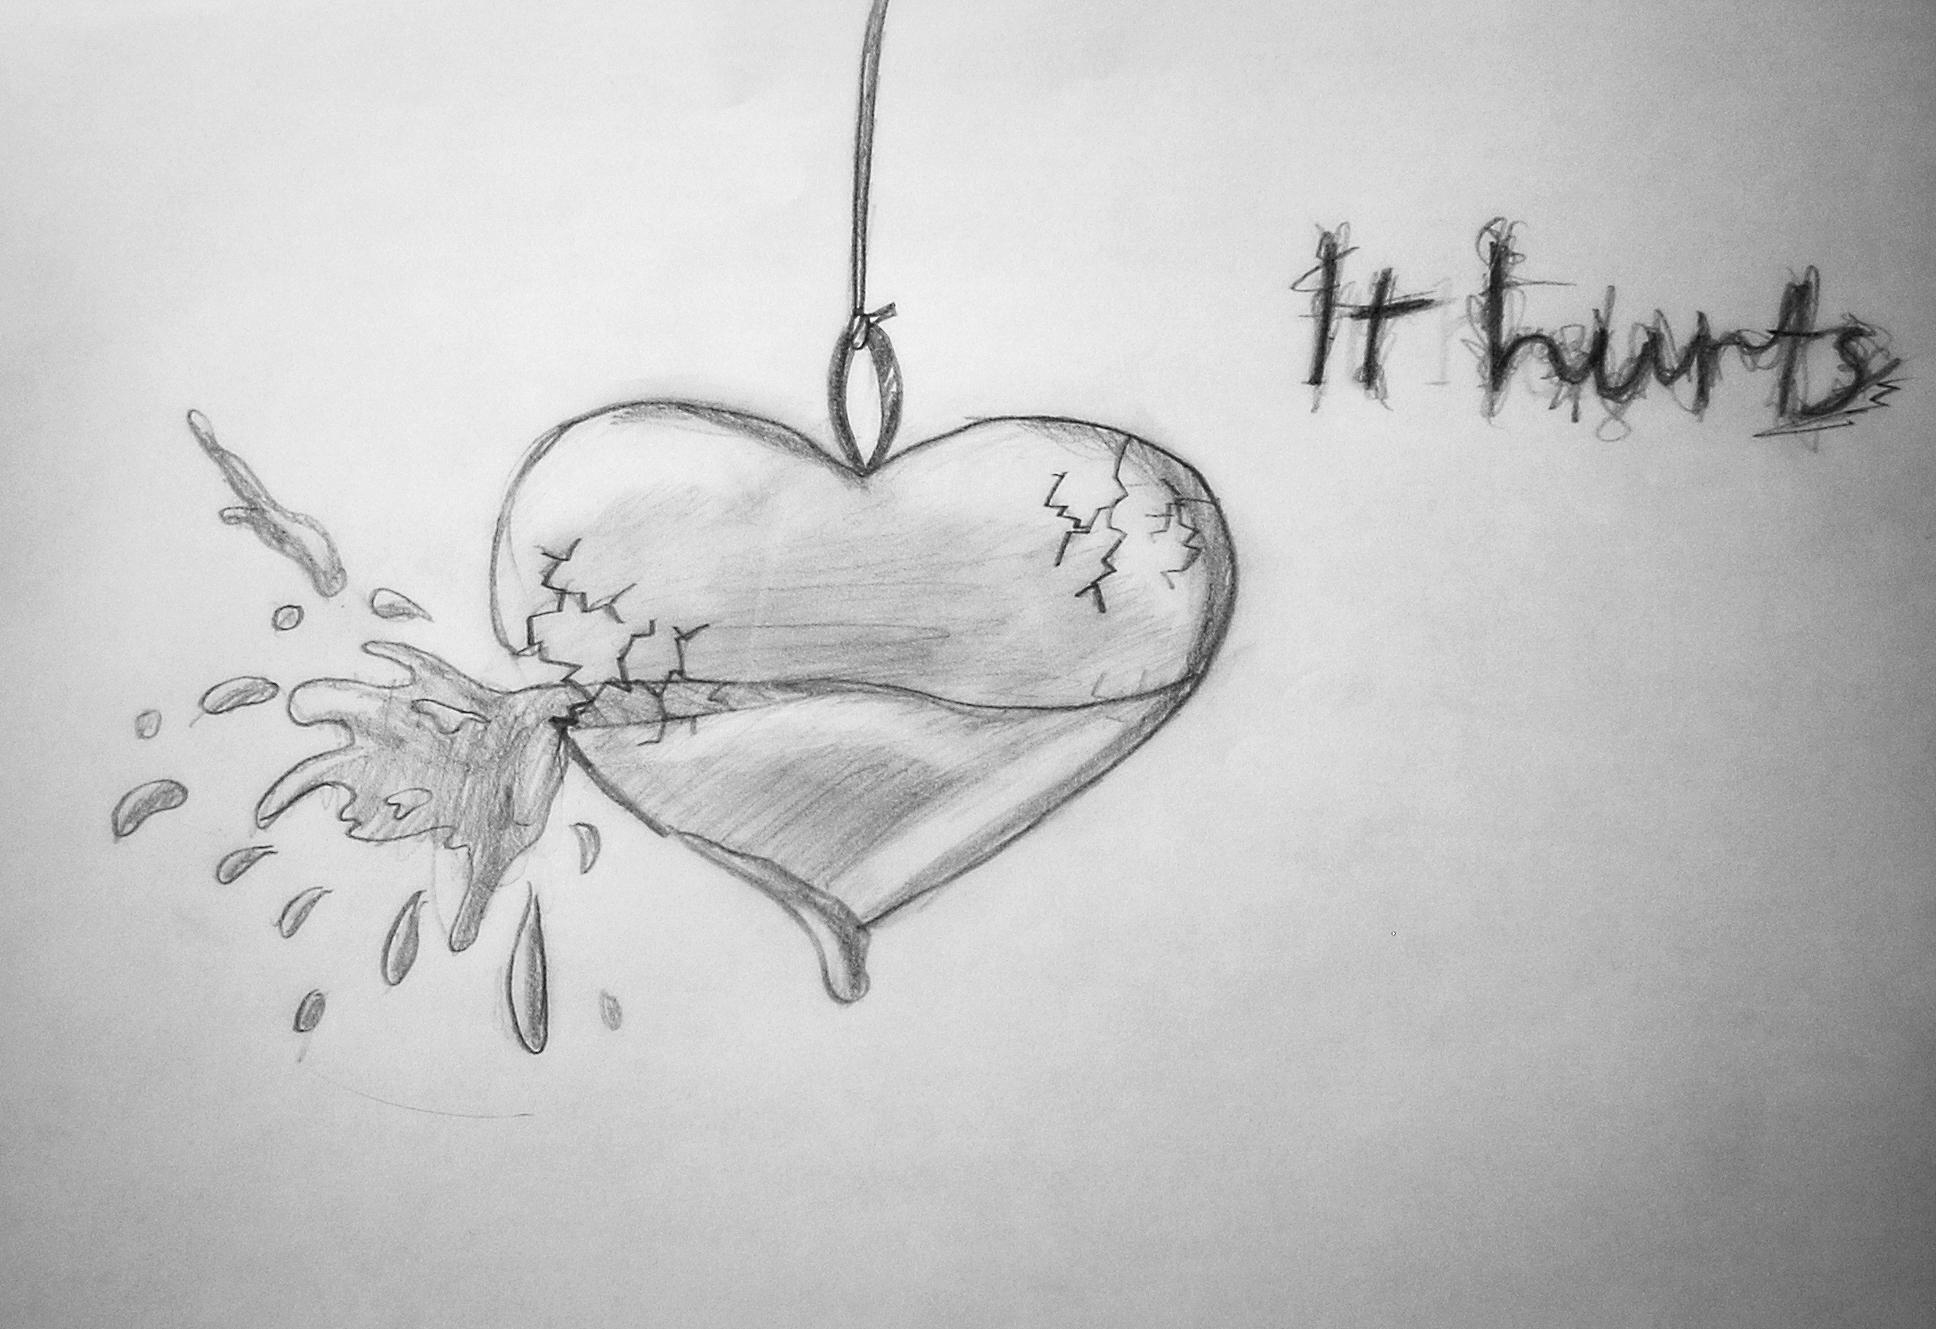 Drawn Broken Heart Sad Heart Broken Girl Drawing 2508661 Hd